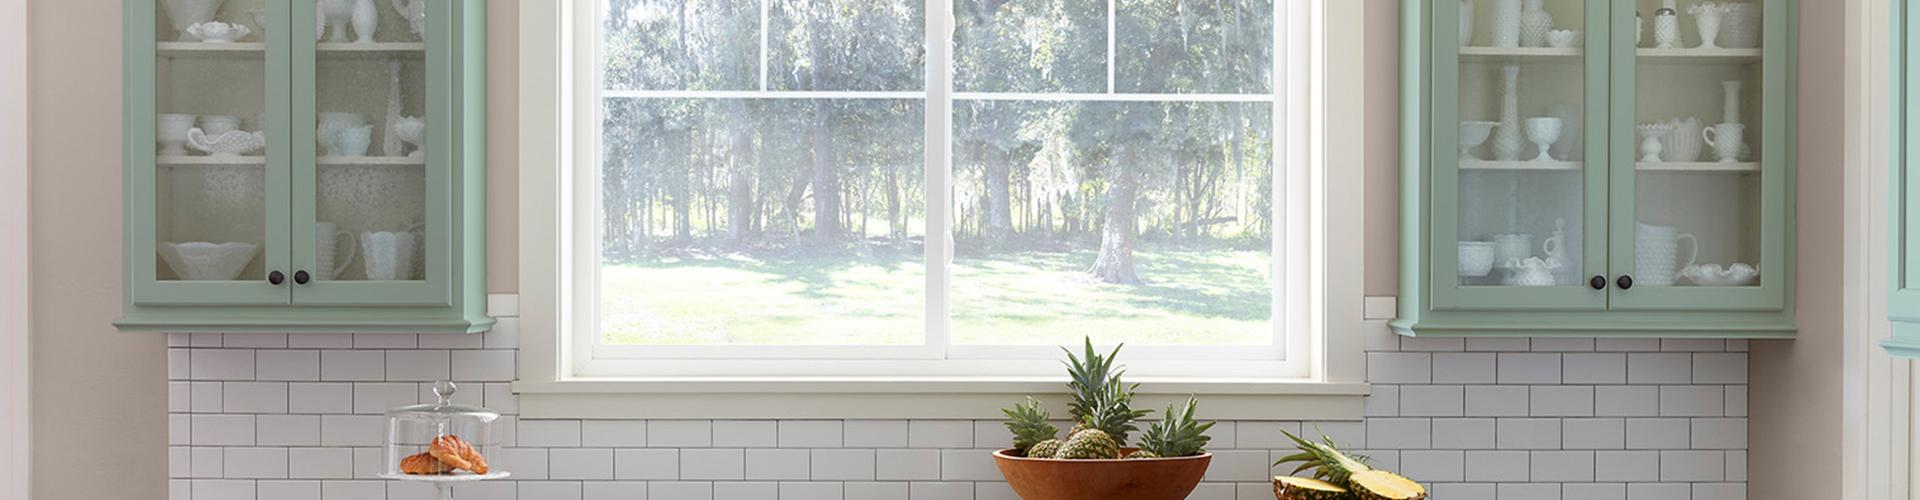 Kitchen with defender series window